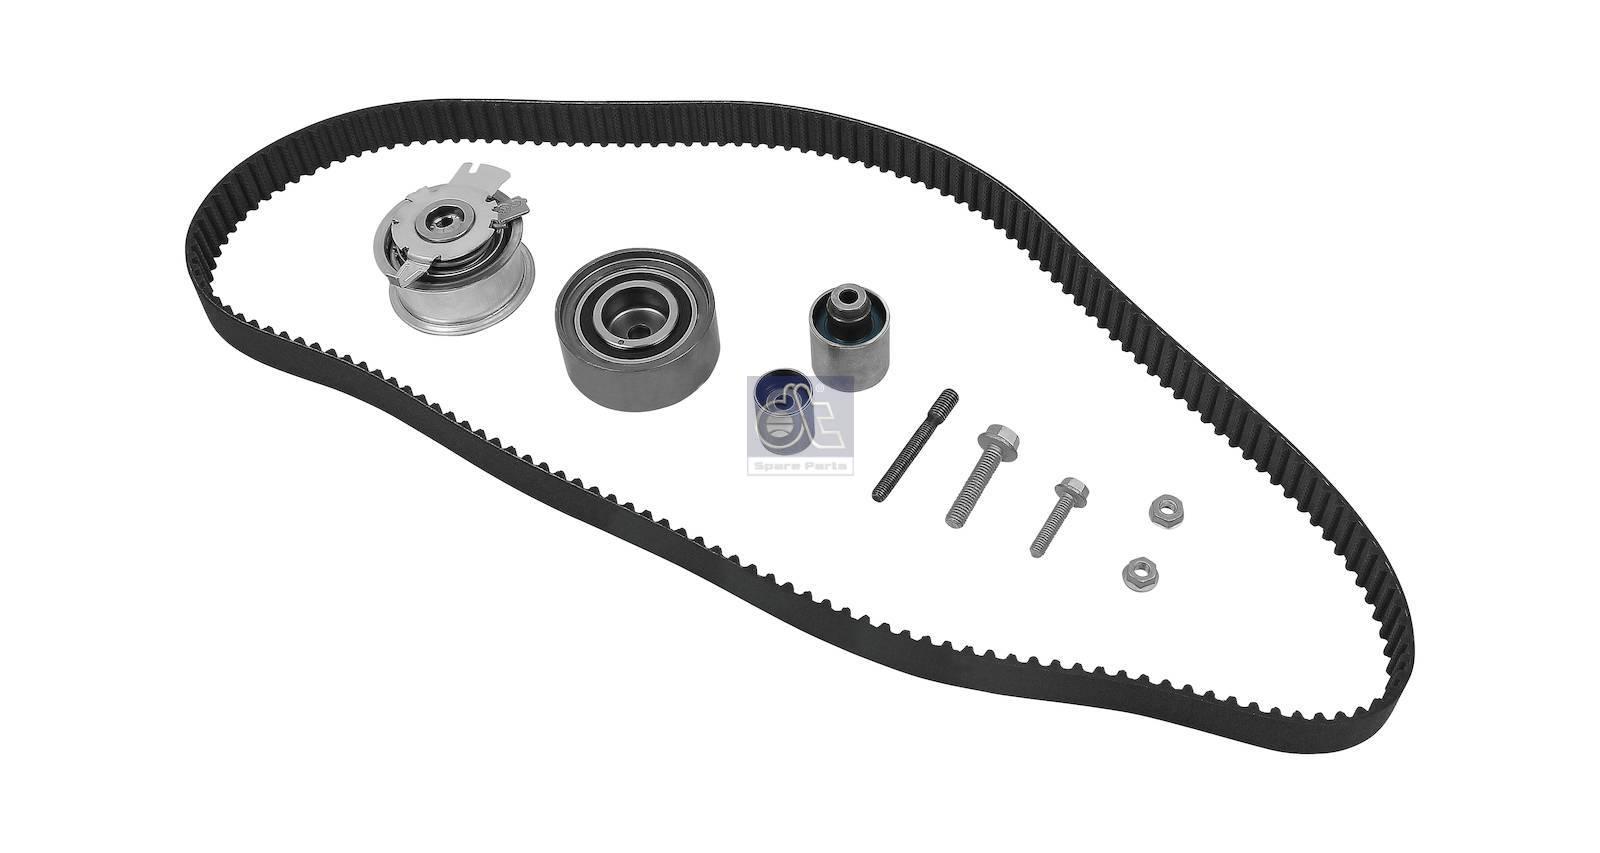 DT 11.90201 Timing belt kit suitable for Audi, Seat, Skoda, VW